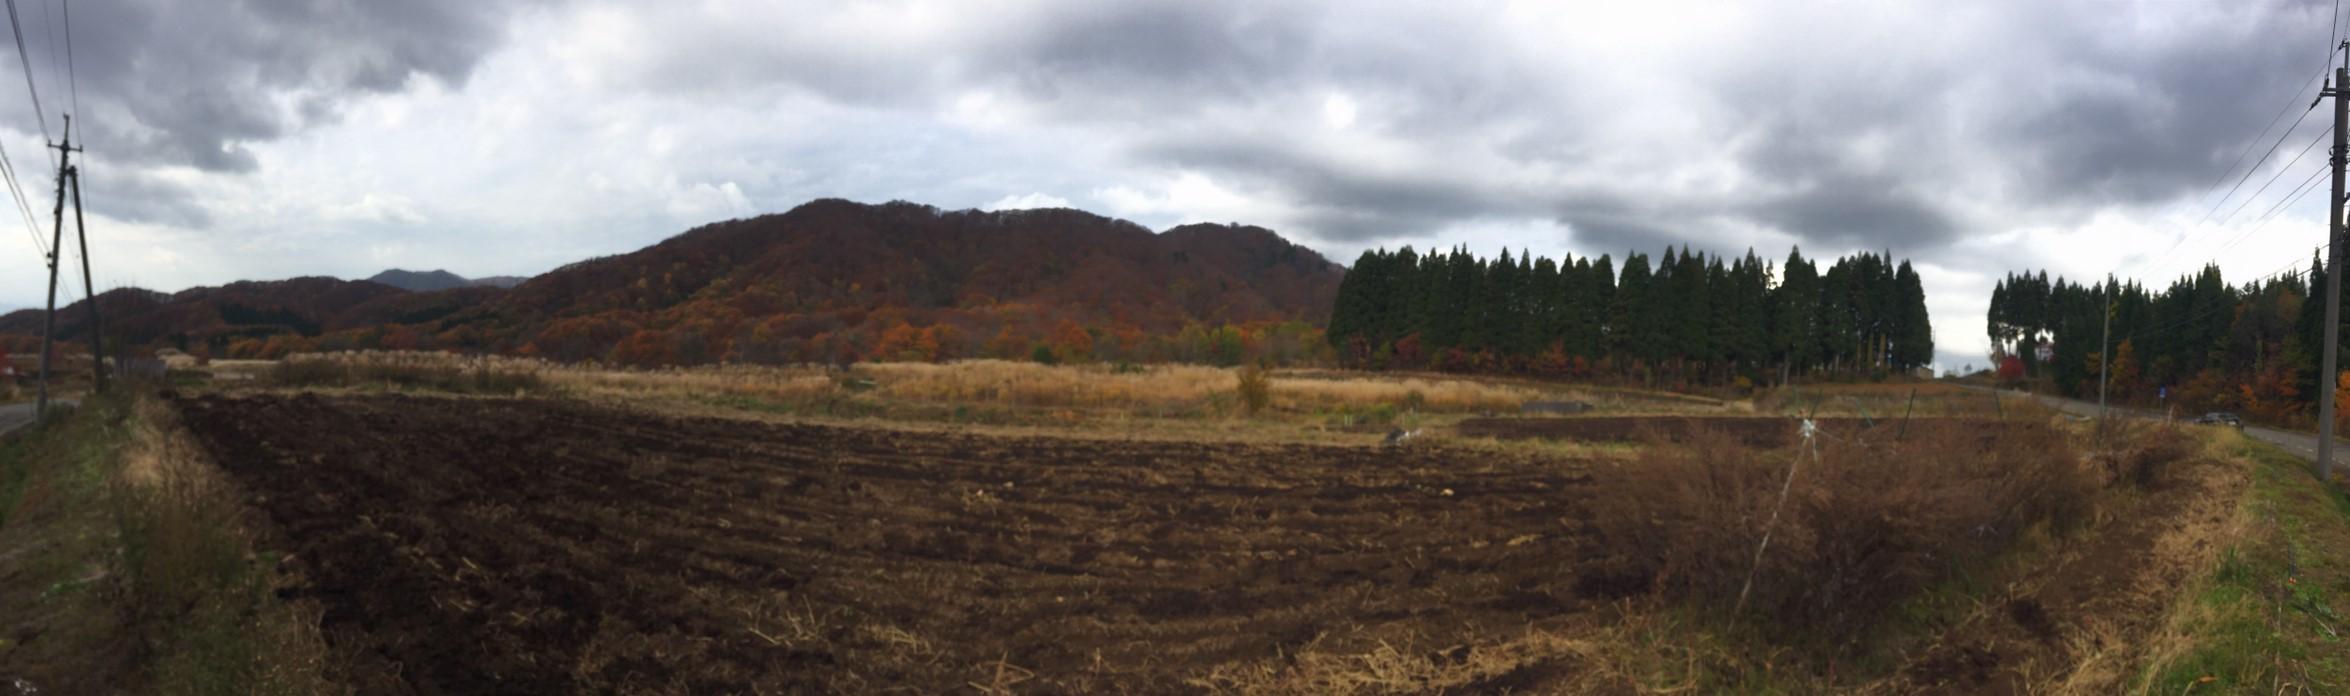 秋のトレッキング   大鹿滝_e0115904_00570579.jpg